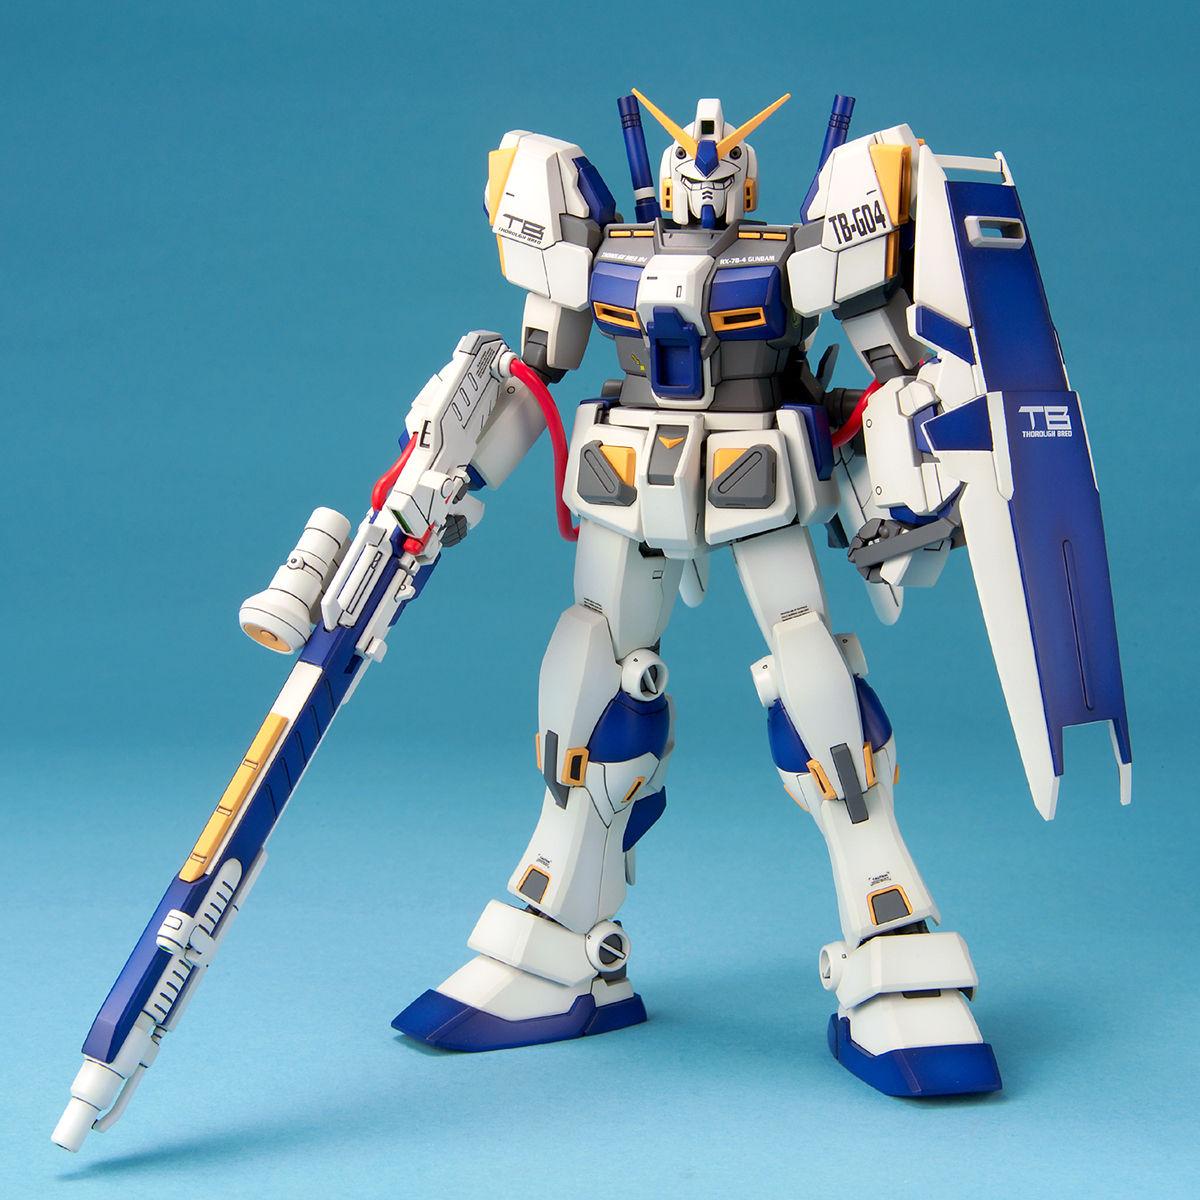 """RX-78-4 ガンダム4号機 [Gundam Unit 4 """"G04""""]"""